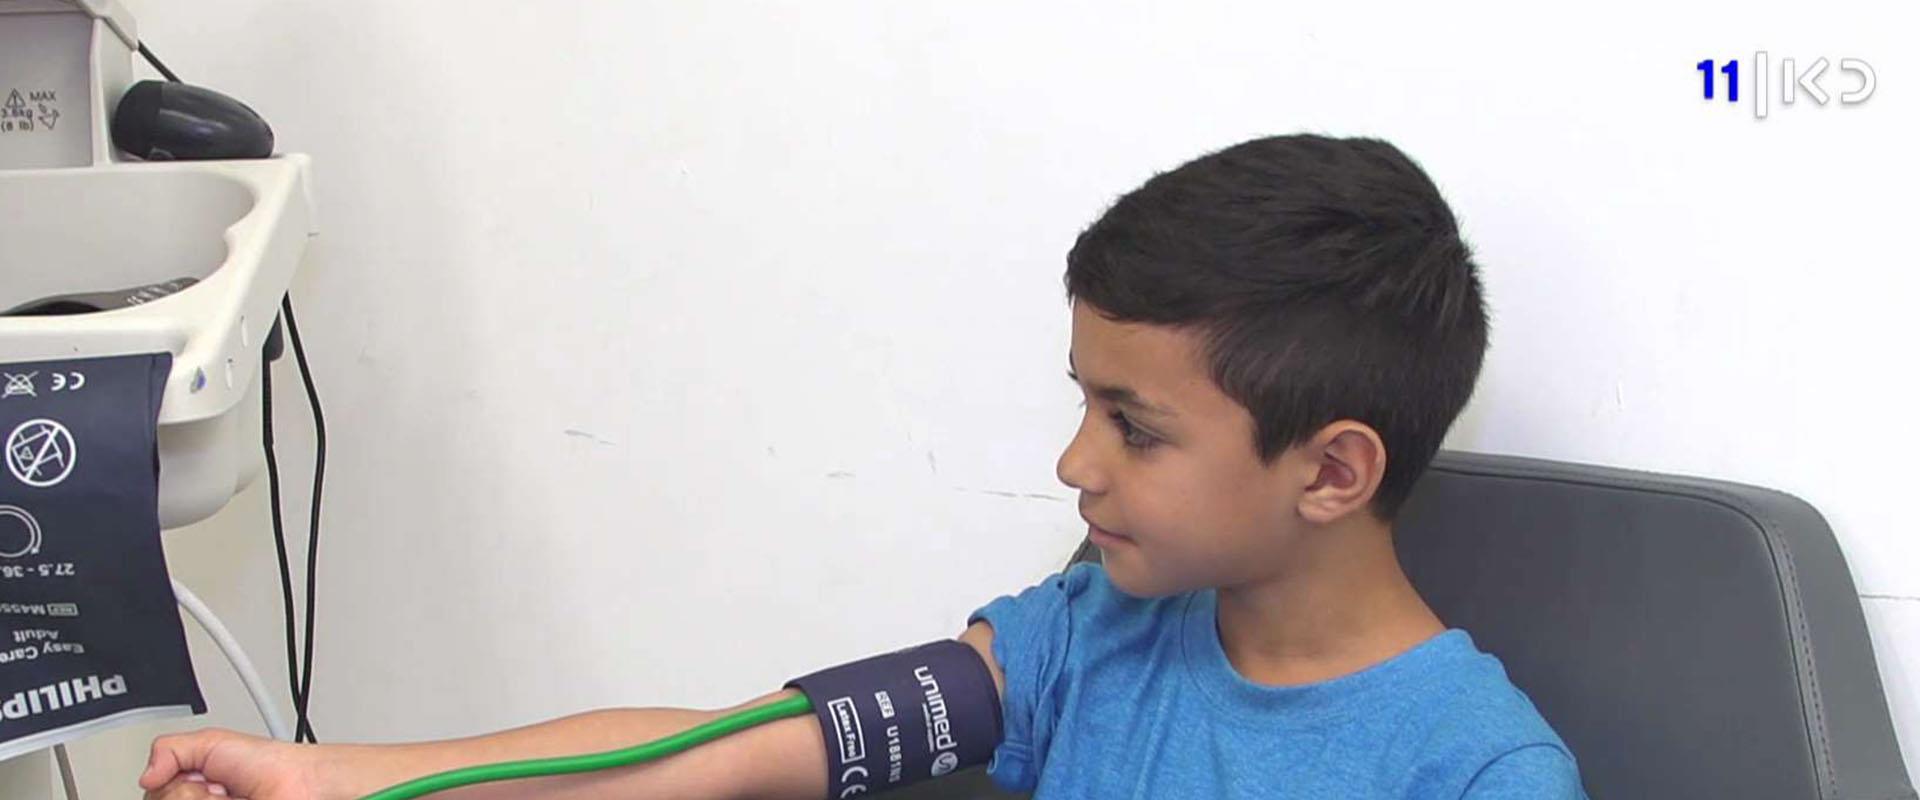 להיבדק מגיל 3: התופעה הגוברת של יתר לחץ דם אצל ילד